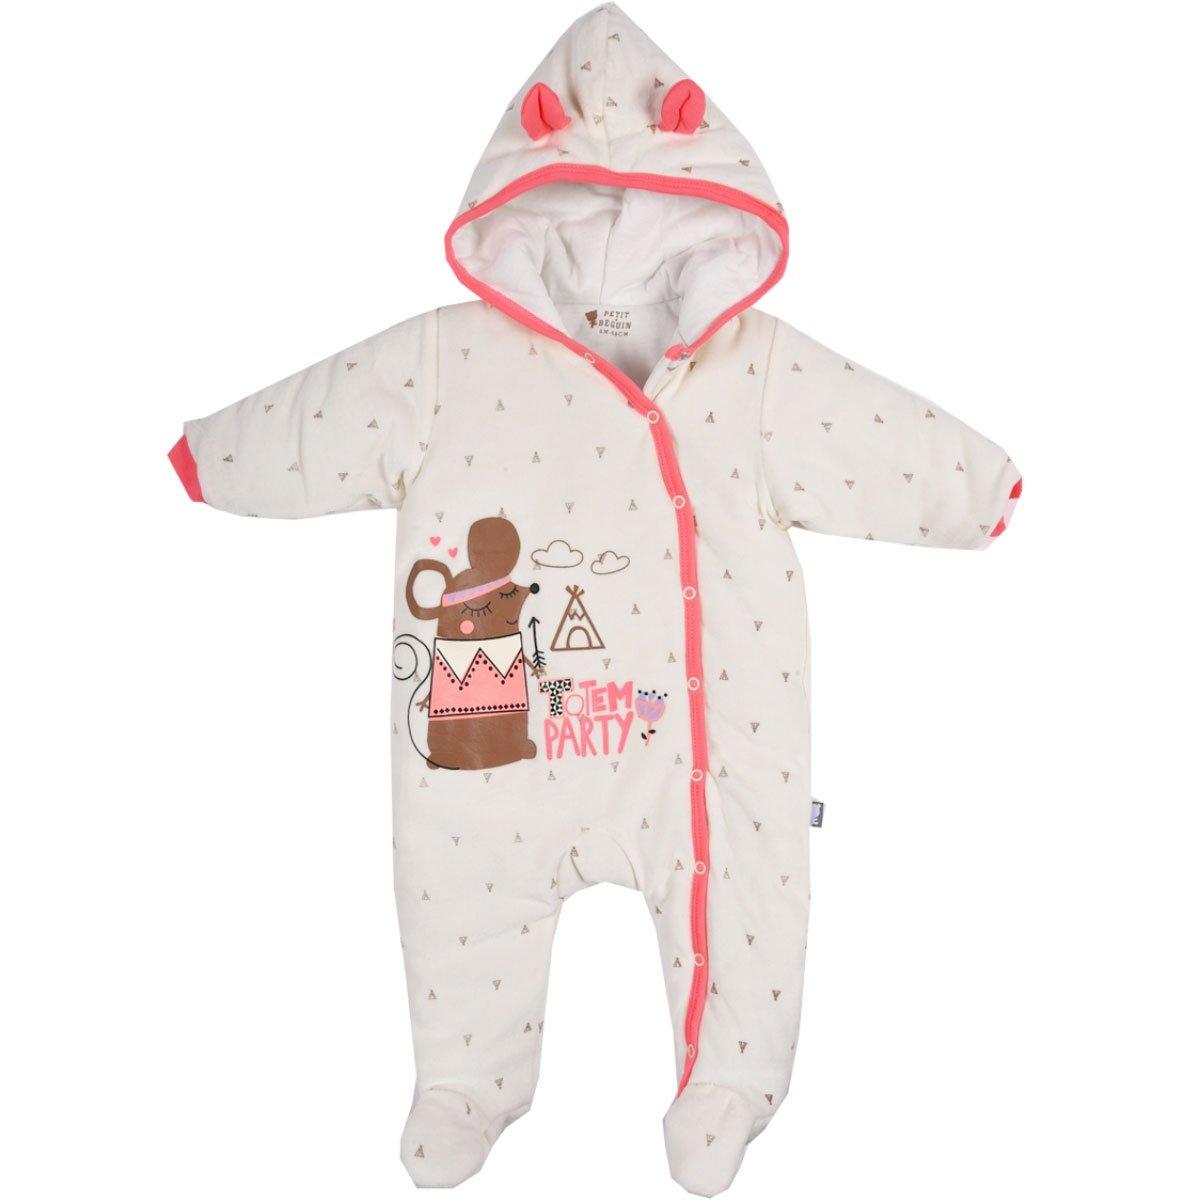 Combi pilote bébé fille Totem Party - Taille - 3 mois (62 cm) Petit Béguin